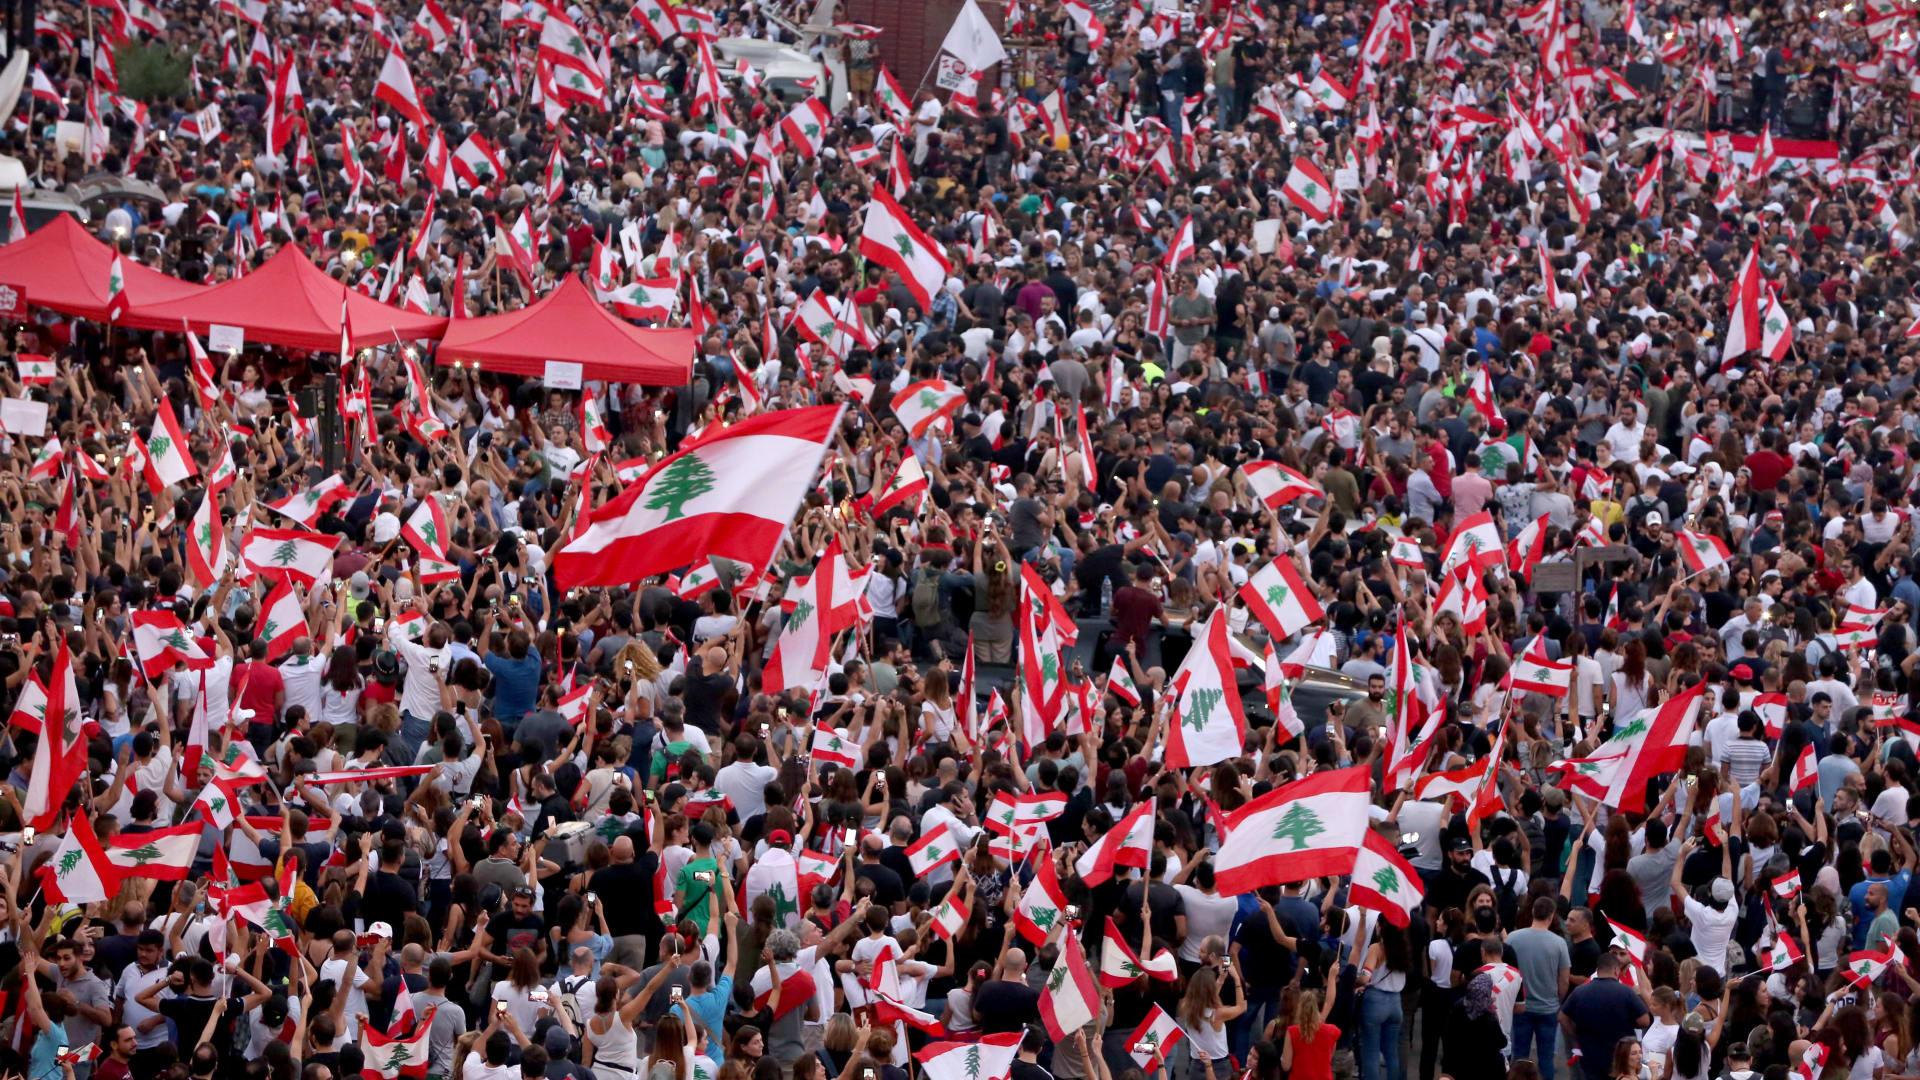 رأي.. سناء أبوشقرا يكتب عن كسر الطائفية في وعي اللبنانيين: عودة وطن